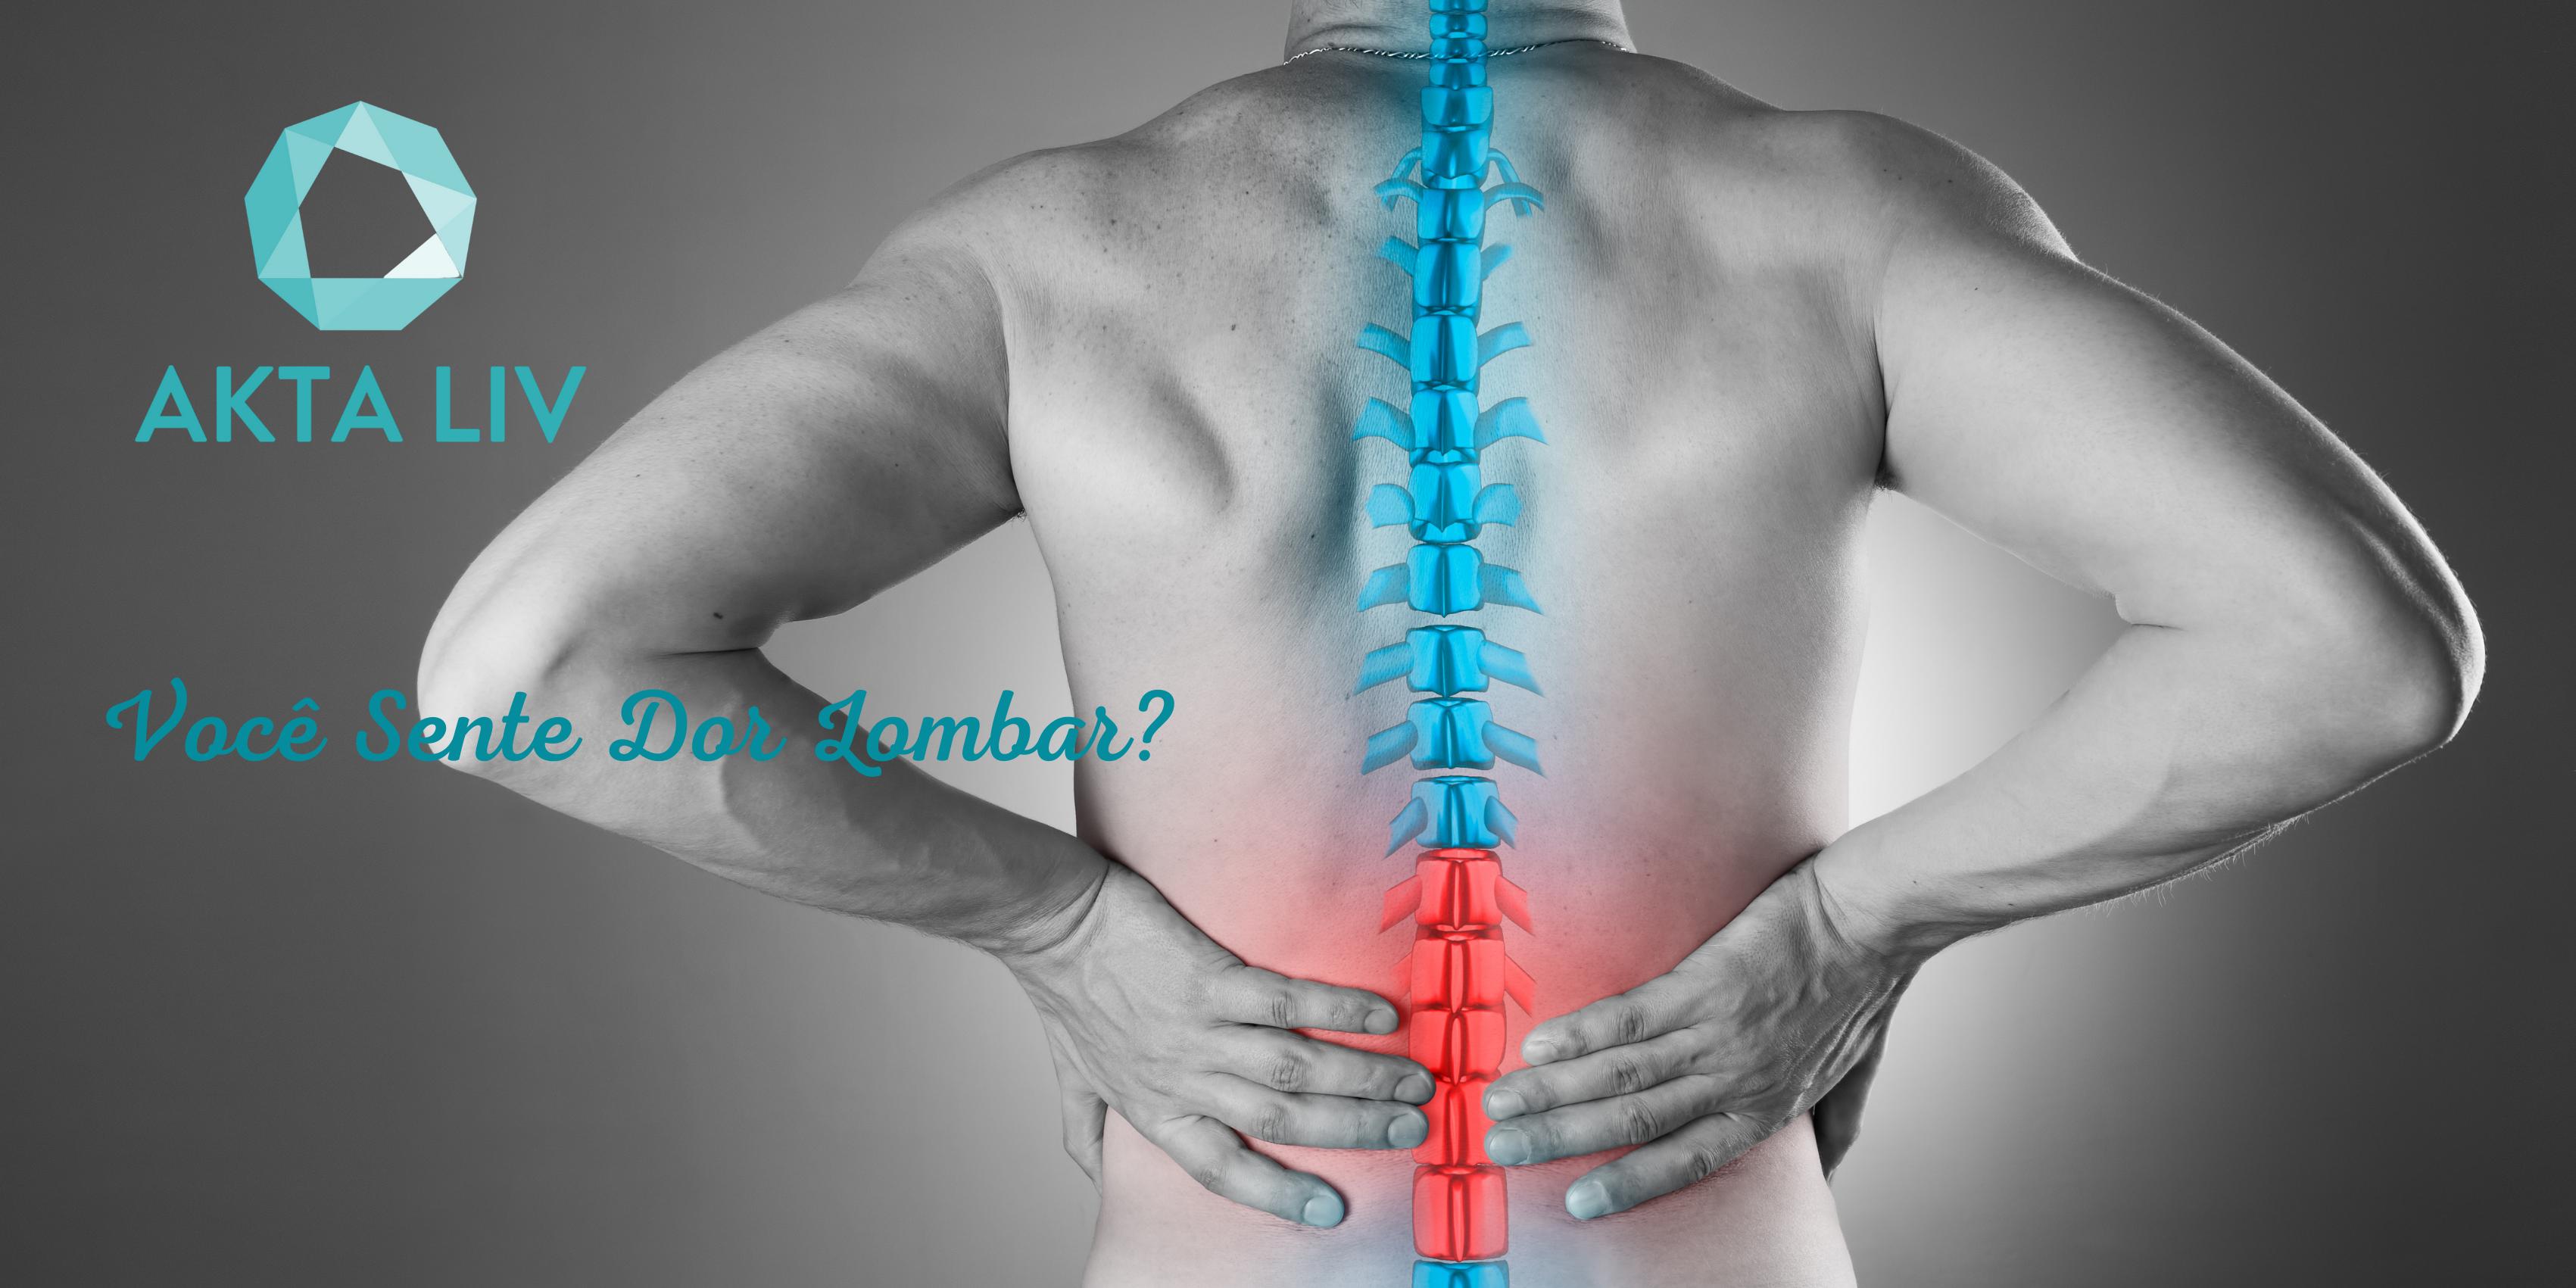 Akta Liv - endocrinologia - nutrição - fisioterapia - dor nas costas - dor lombar